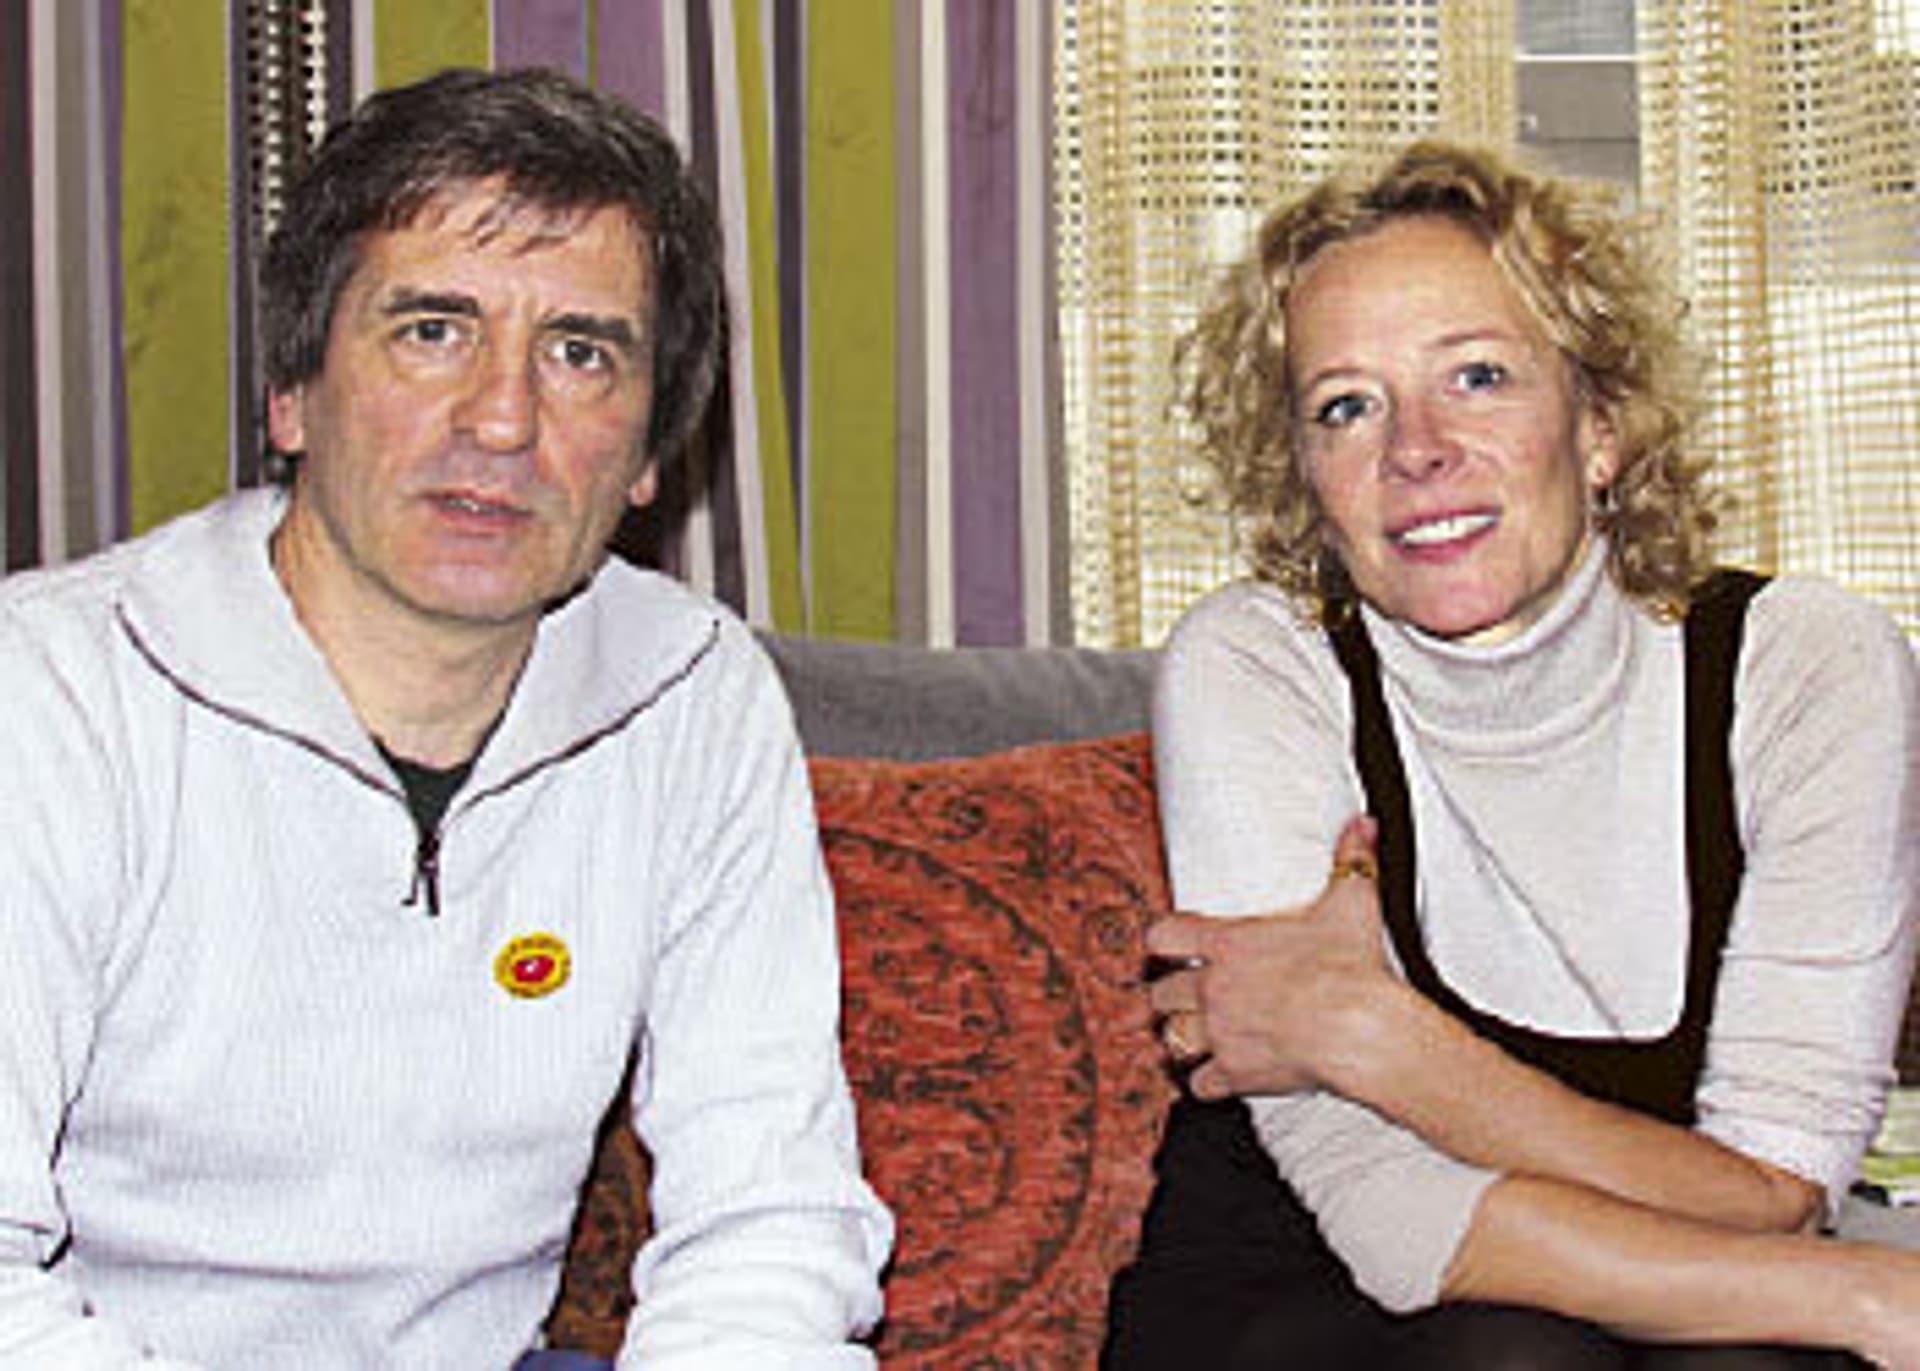 Manfred Loosen, Katja Riemann